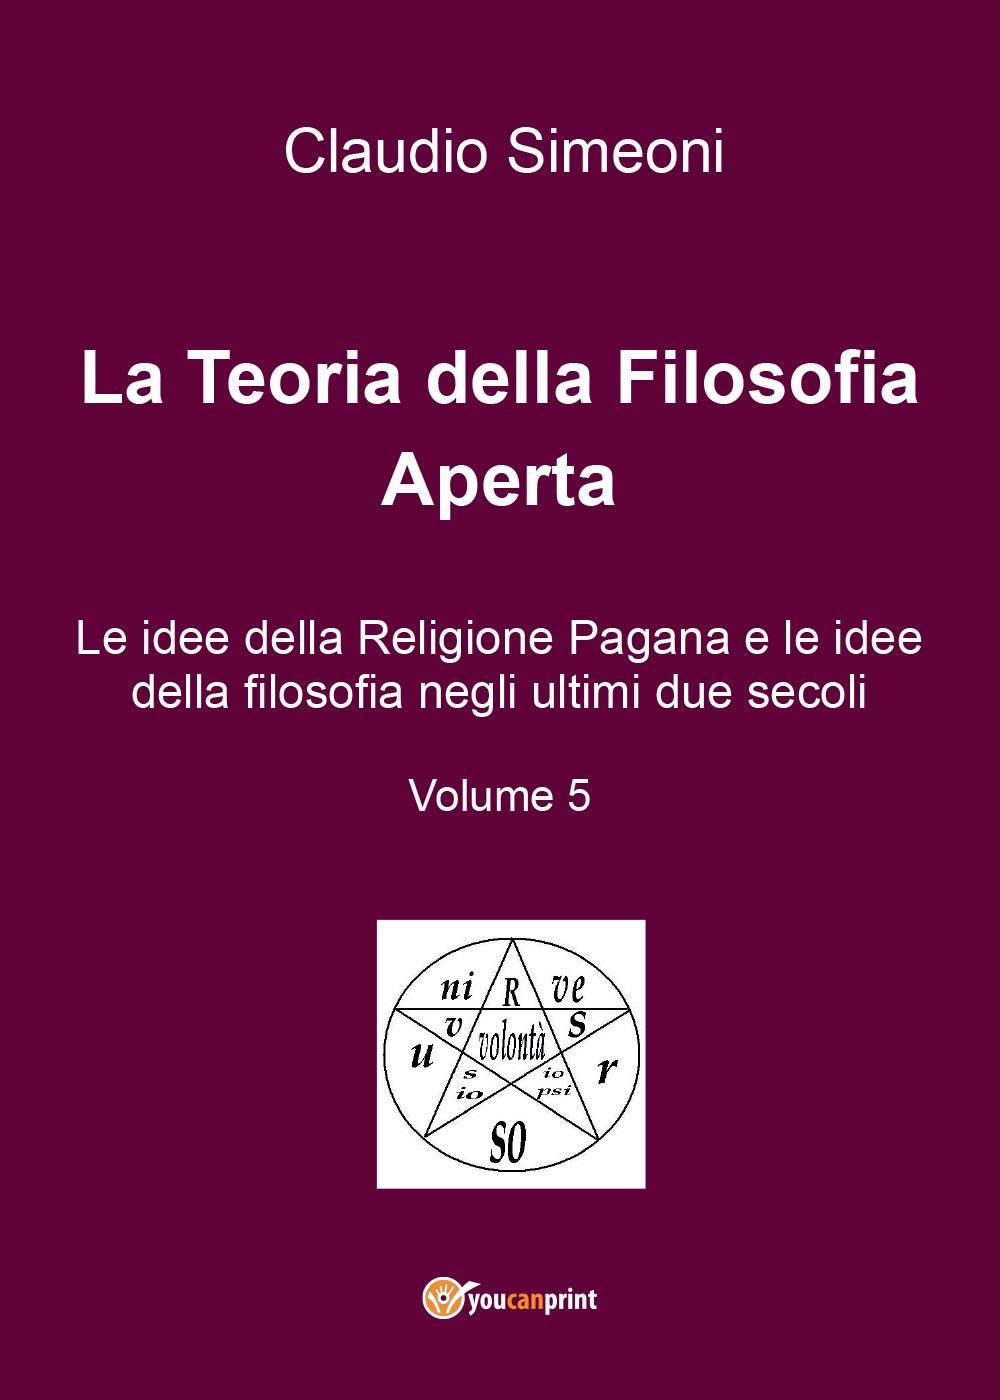 La Teoria della Filosofia Aperta. Volume 5